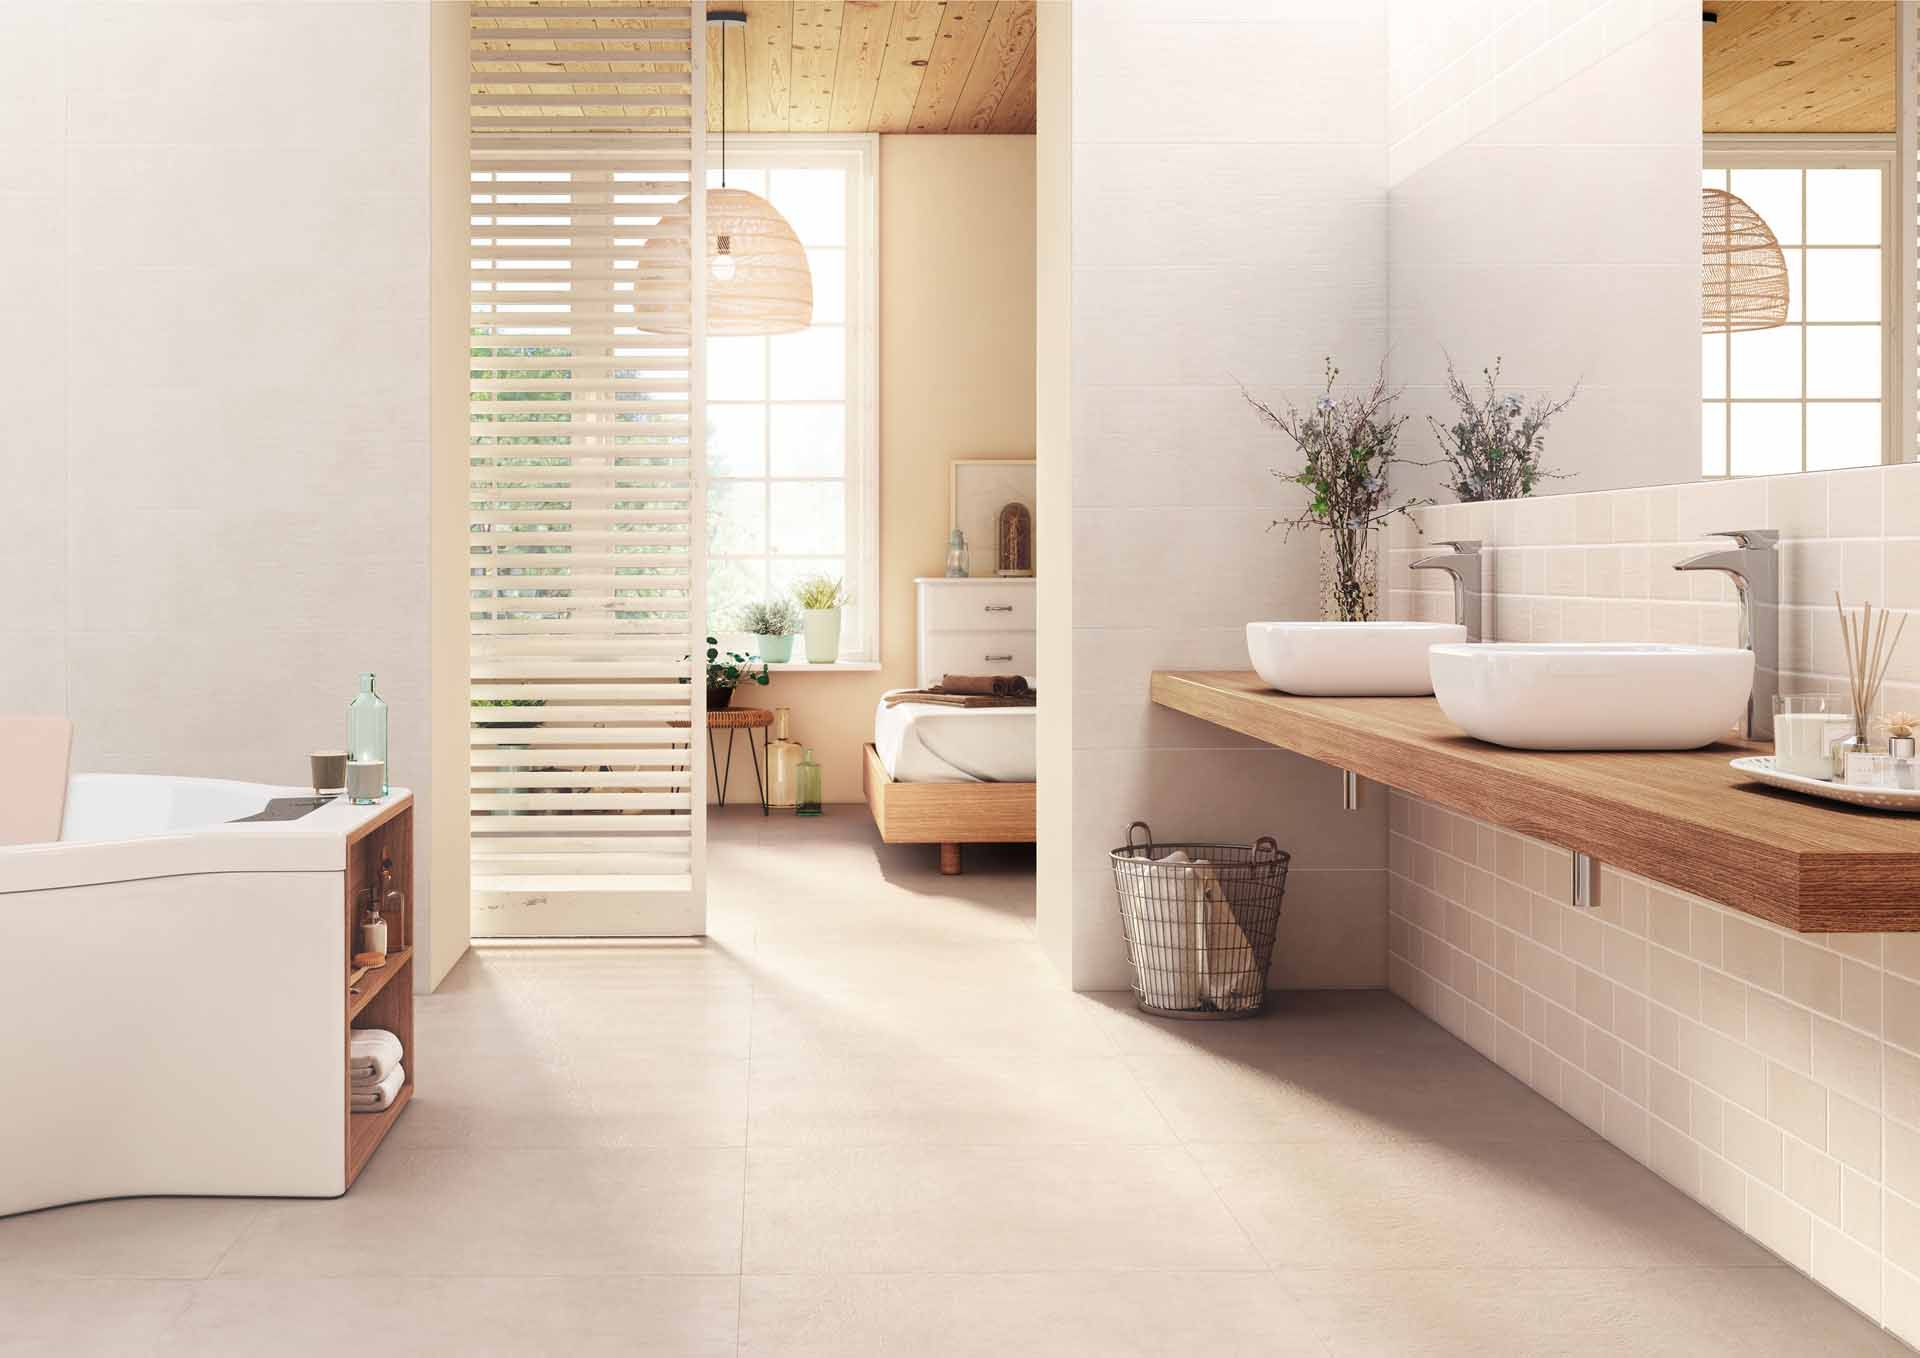 Comment aménager une salle de bains dans une petite chambre